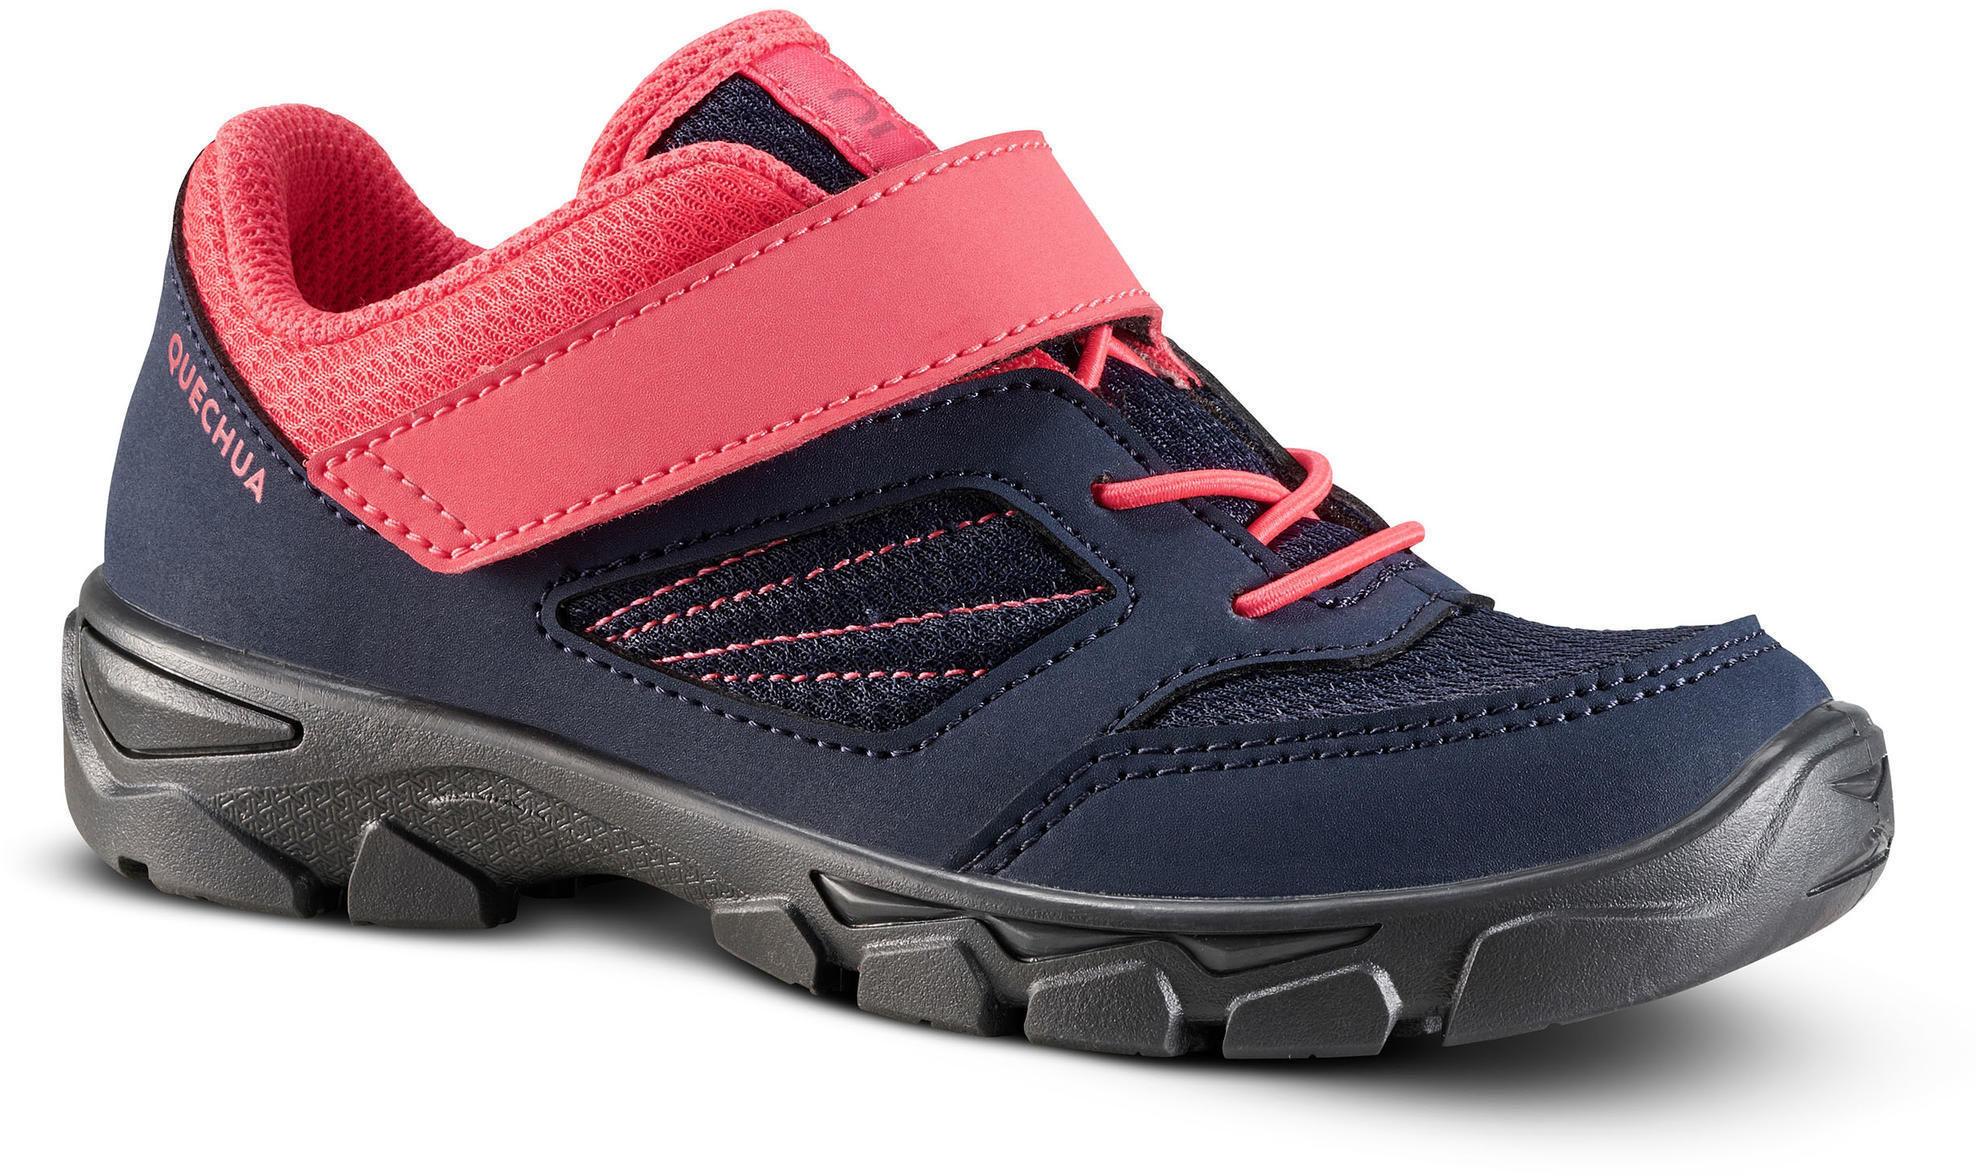 Buty turystyczne niskie MH100 dla dzieci